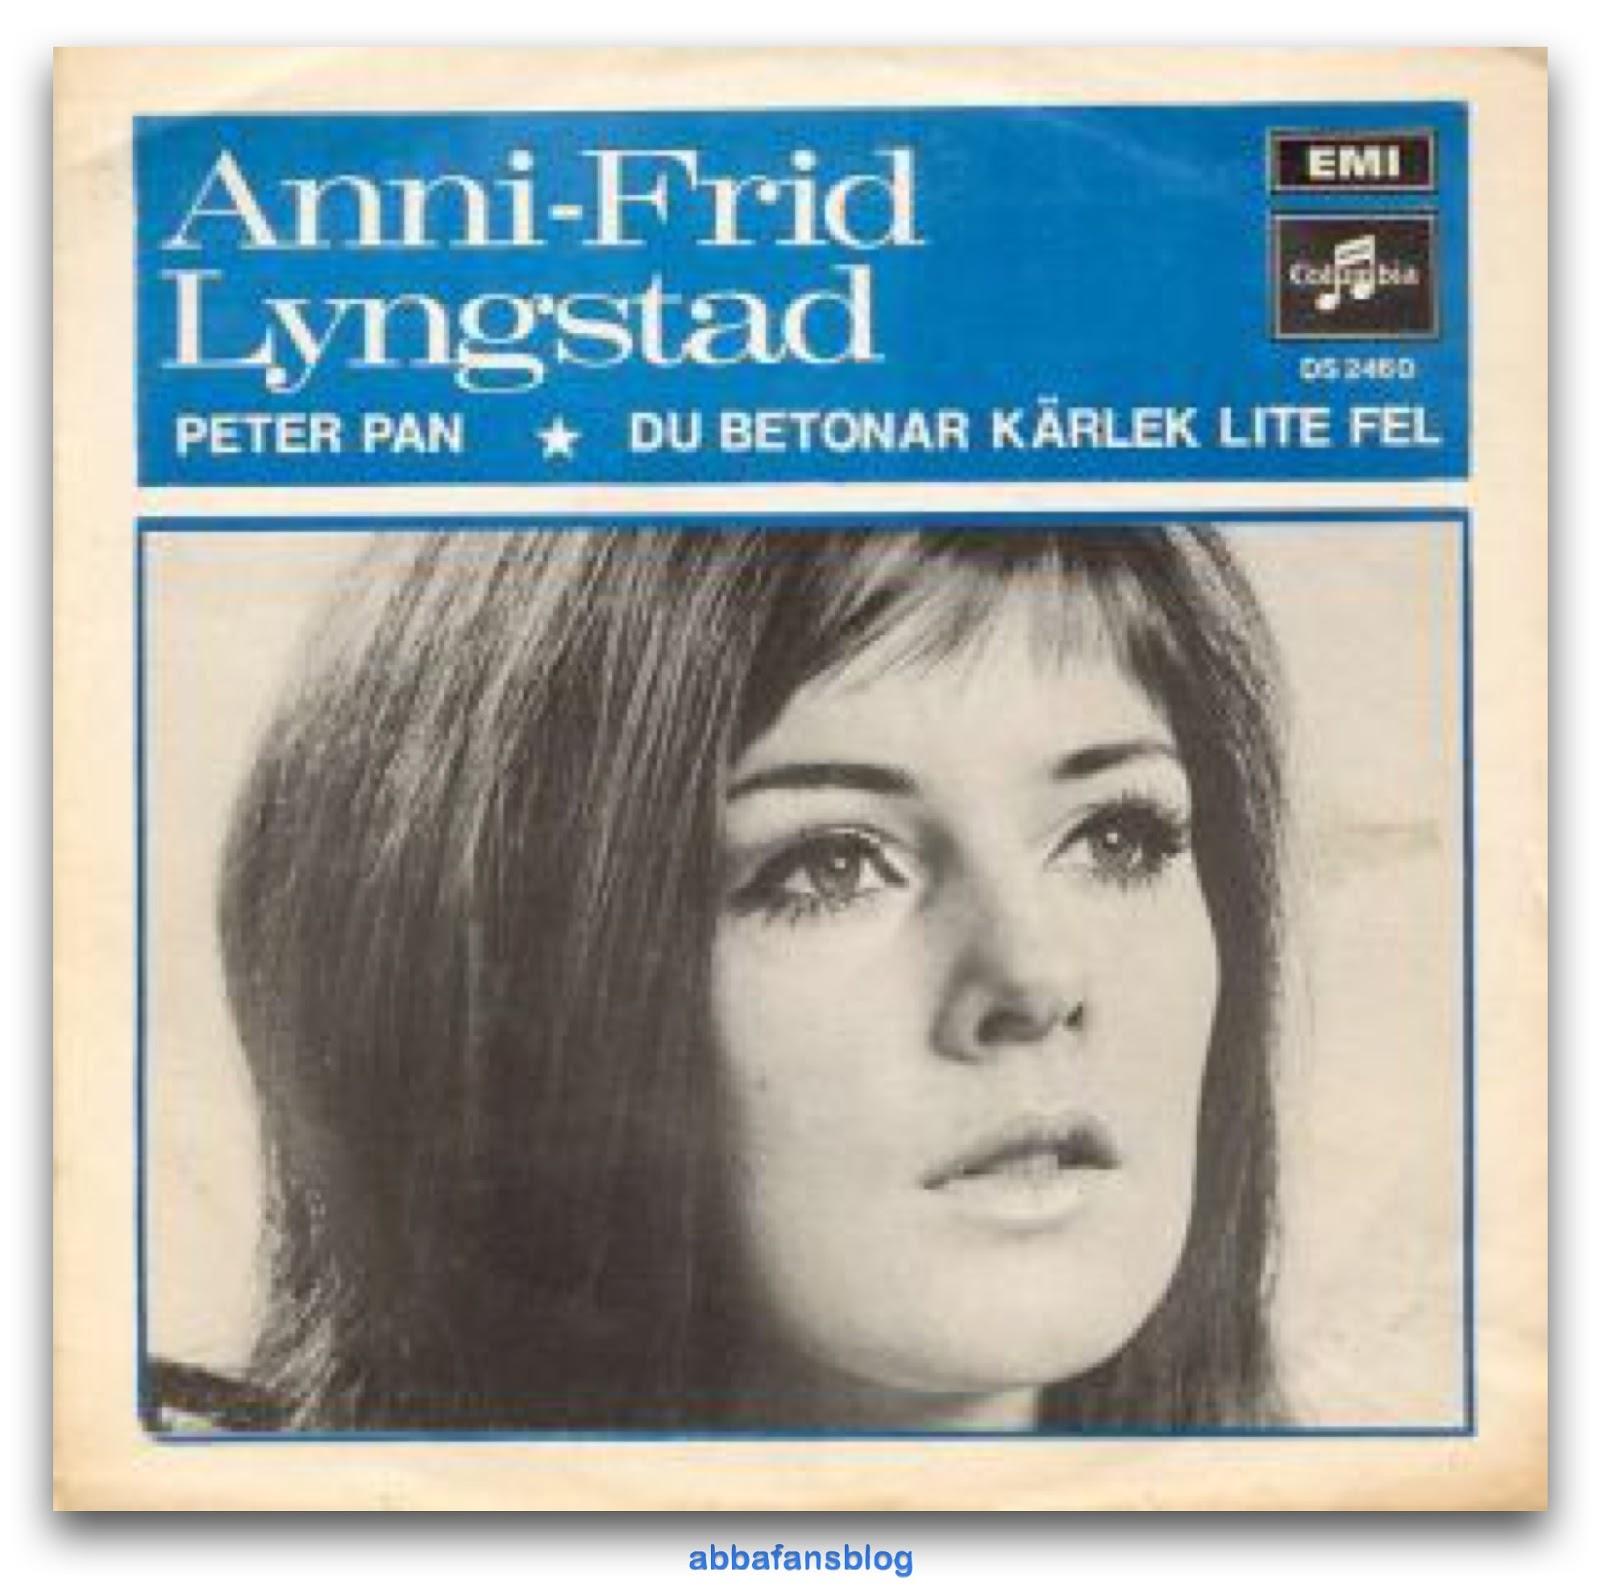 ABBA Fans Blog: 10th September 1969